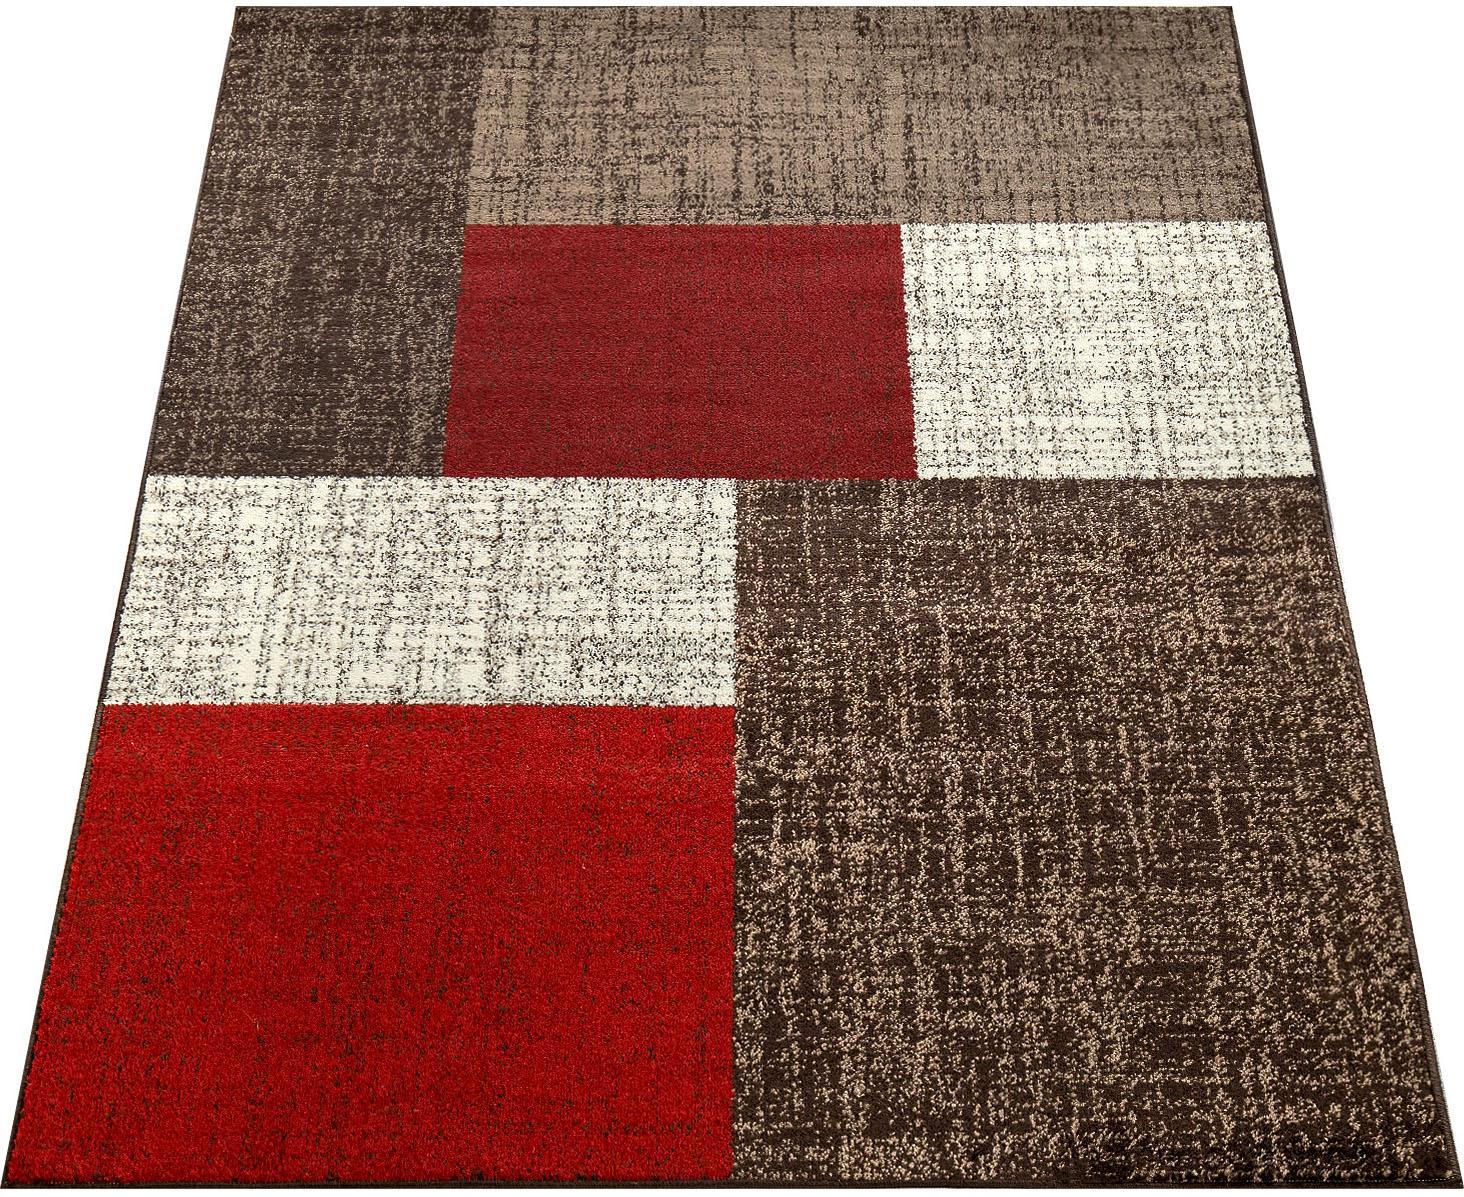 Teppich Mondial 105 Paco Home rechteckig Höhe 14 mm maschinell gewebt